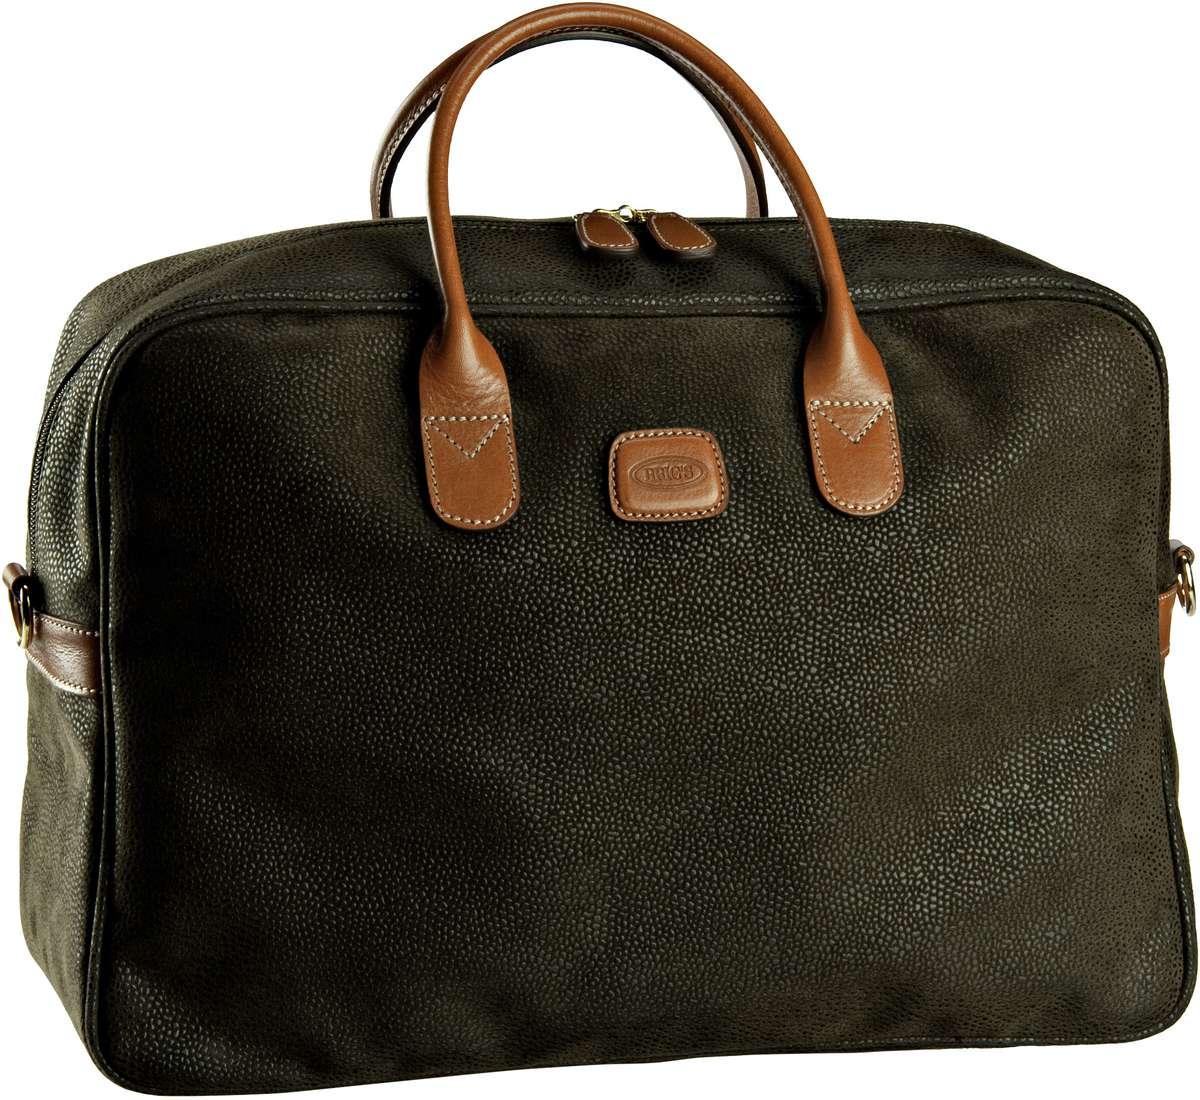 's Handtasche Life Businesstasche Olivegrün